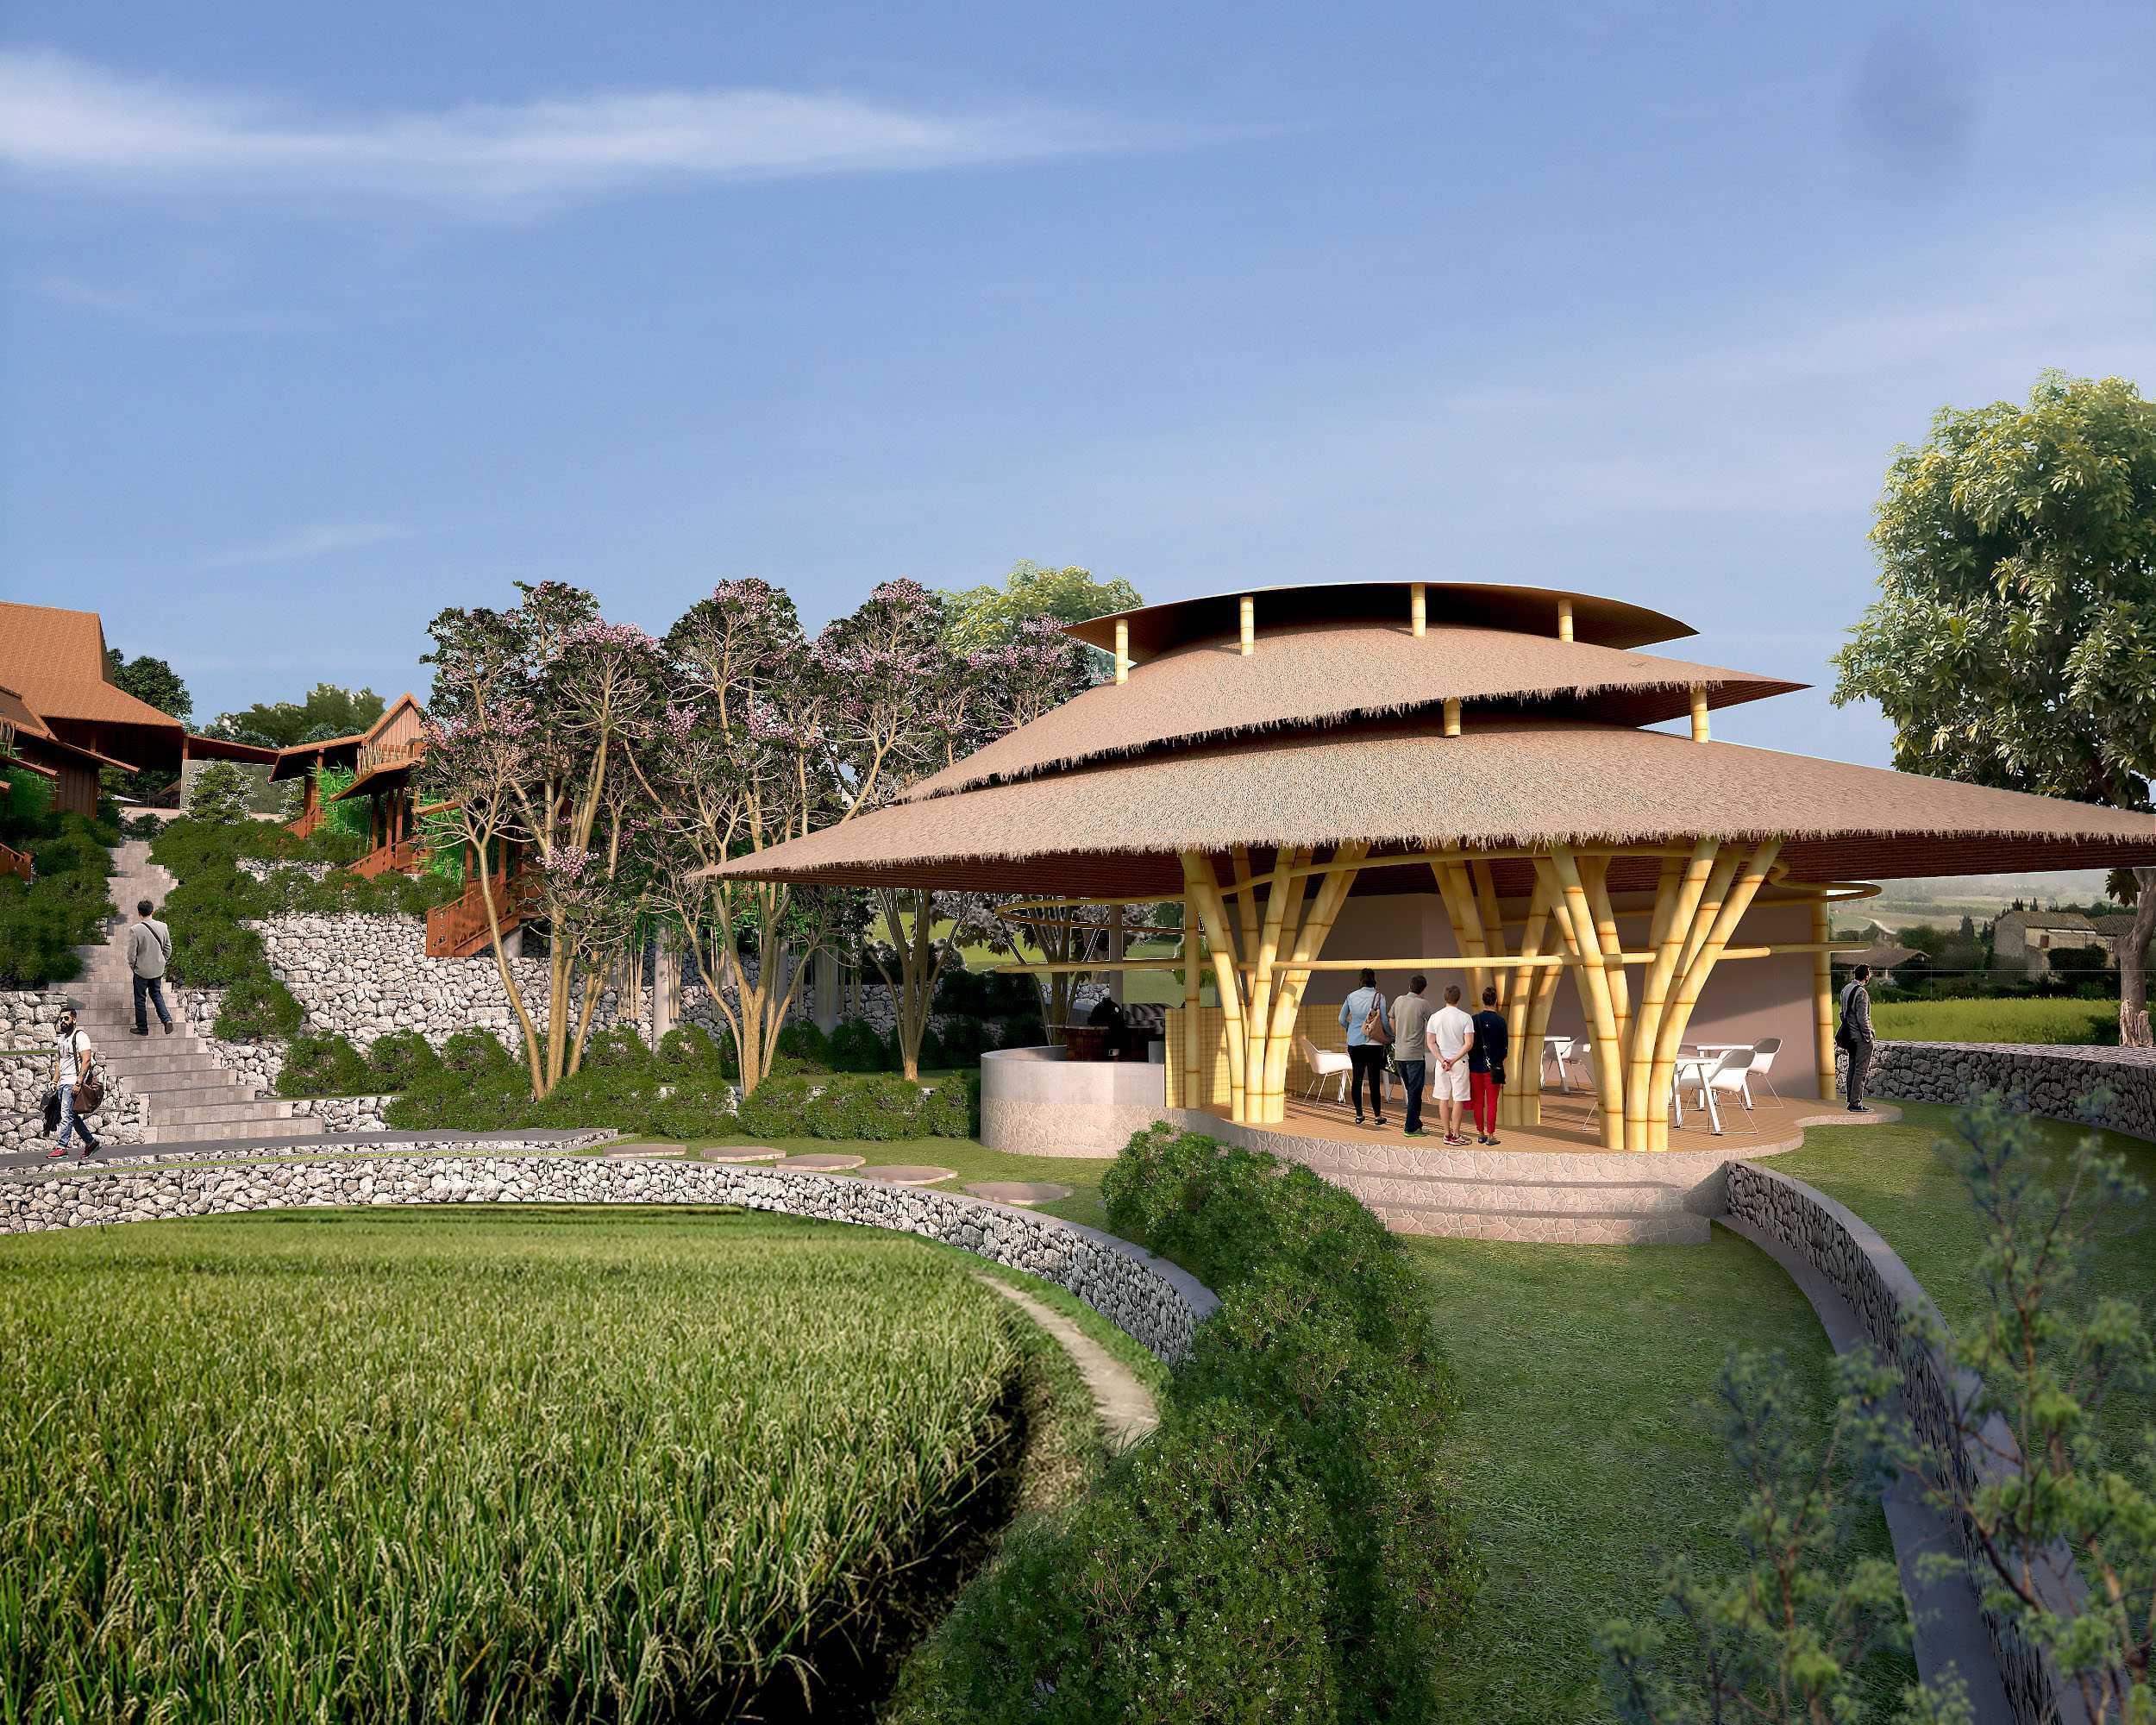 Goldmonk Architects Konseptual Villa Gladak Tibubeneng, Kuta Utara, Kabupaten Badung, Bali, Indonesia Tibubeneng, Kuta Utara, Kabupaten Badung, Bali, Indonesia Goldmonk-Architects-Konseptual-Villa-Gladak   63883